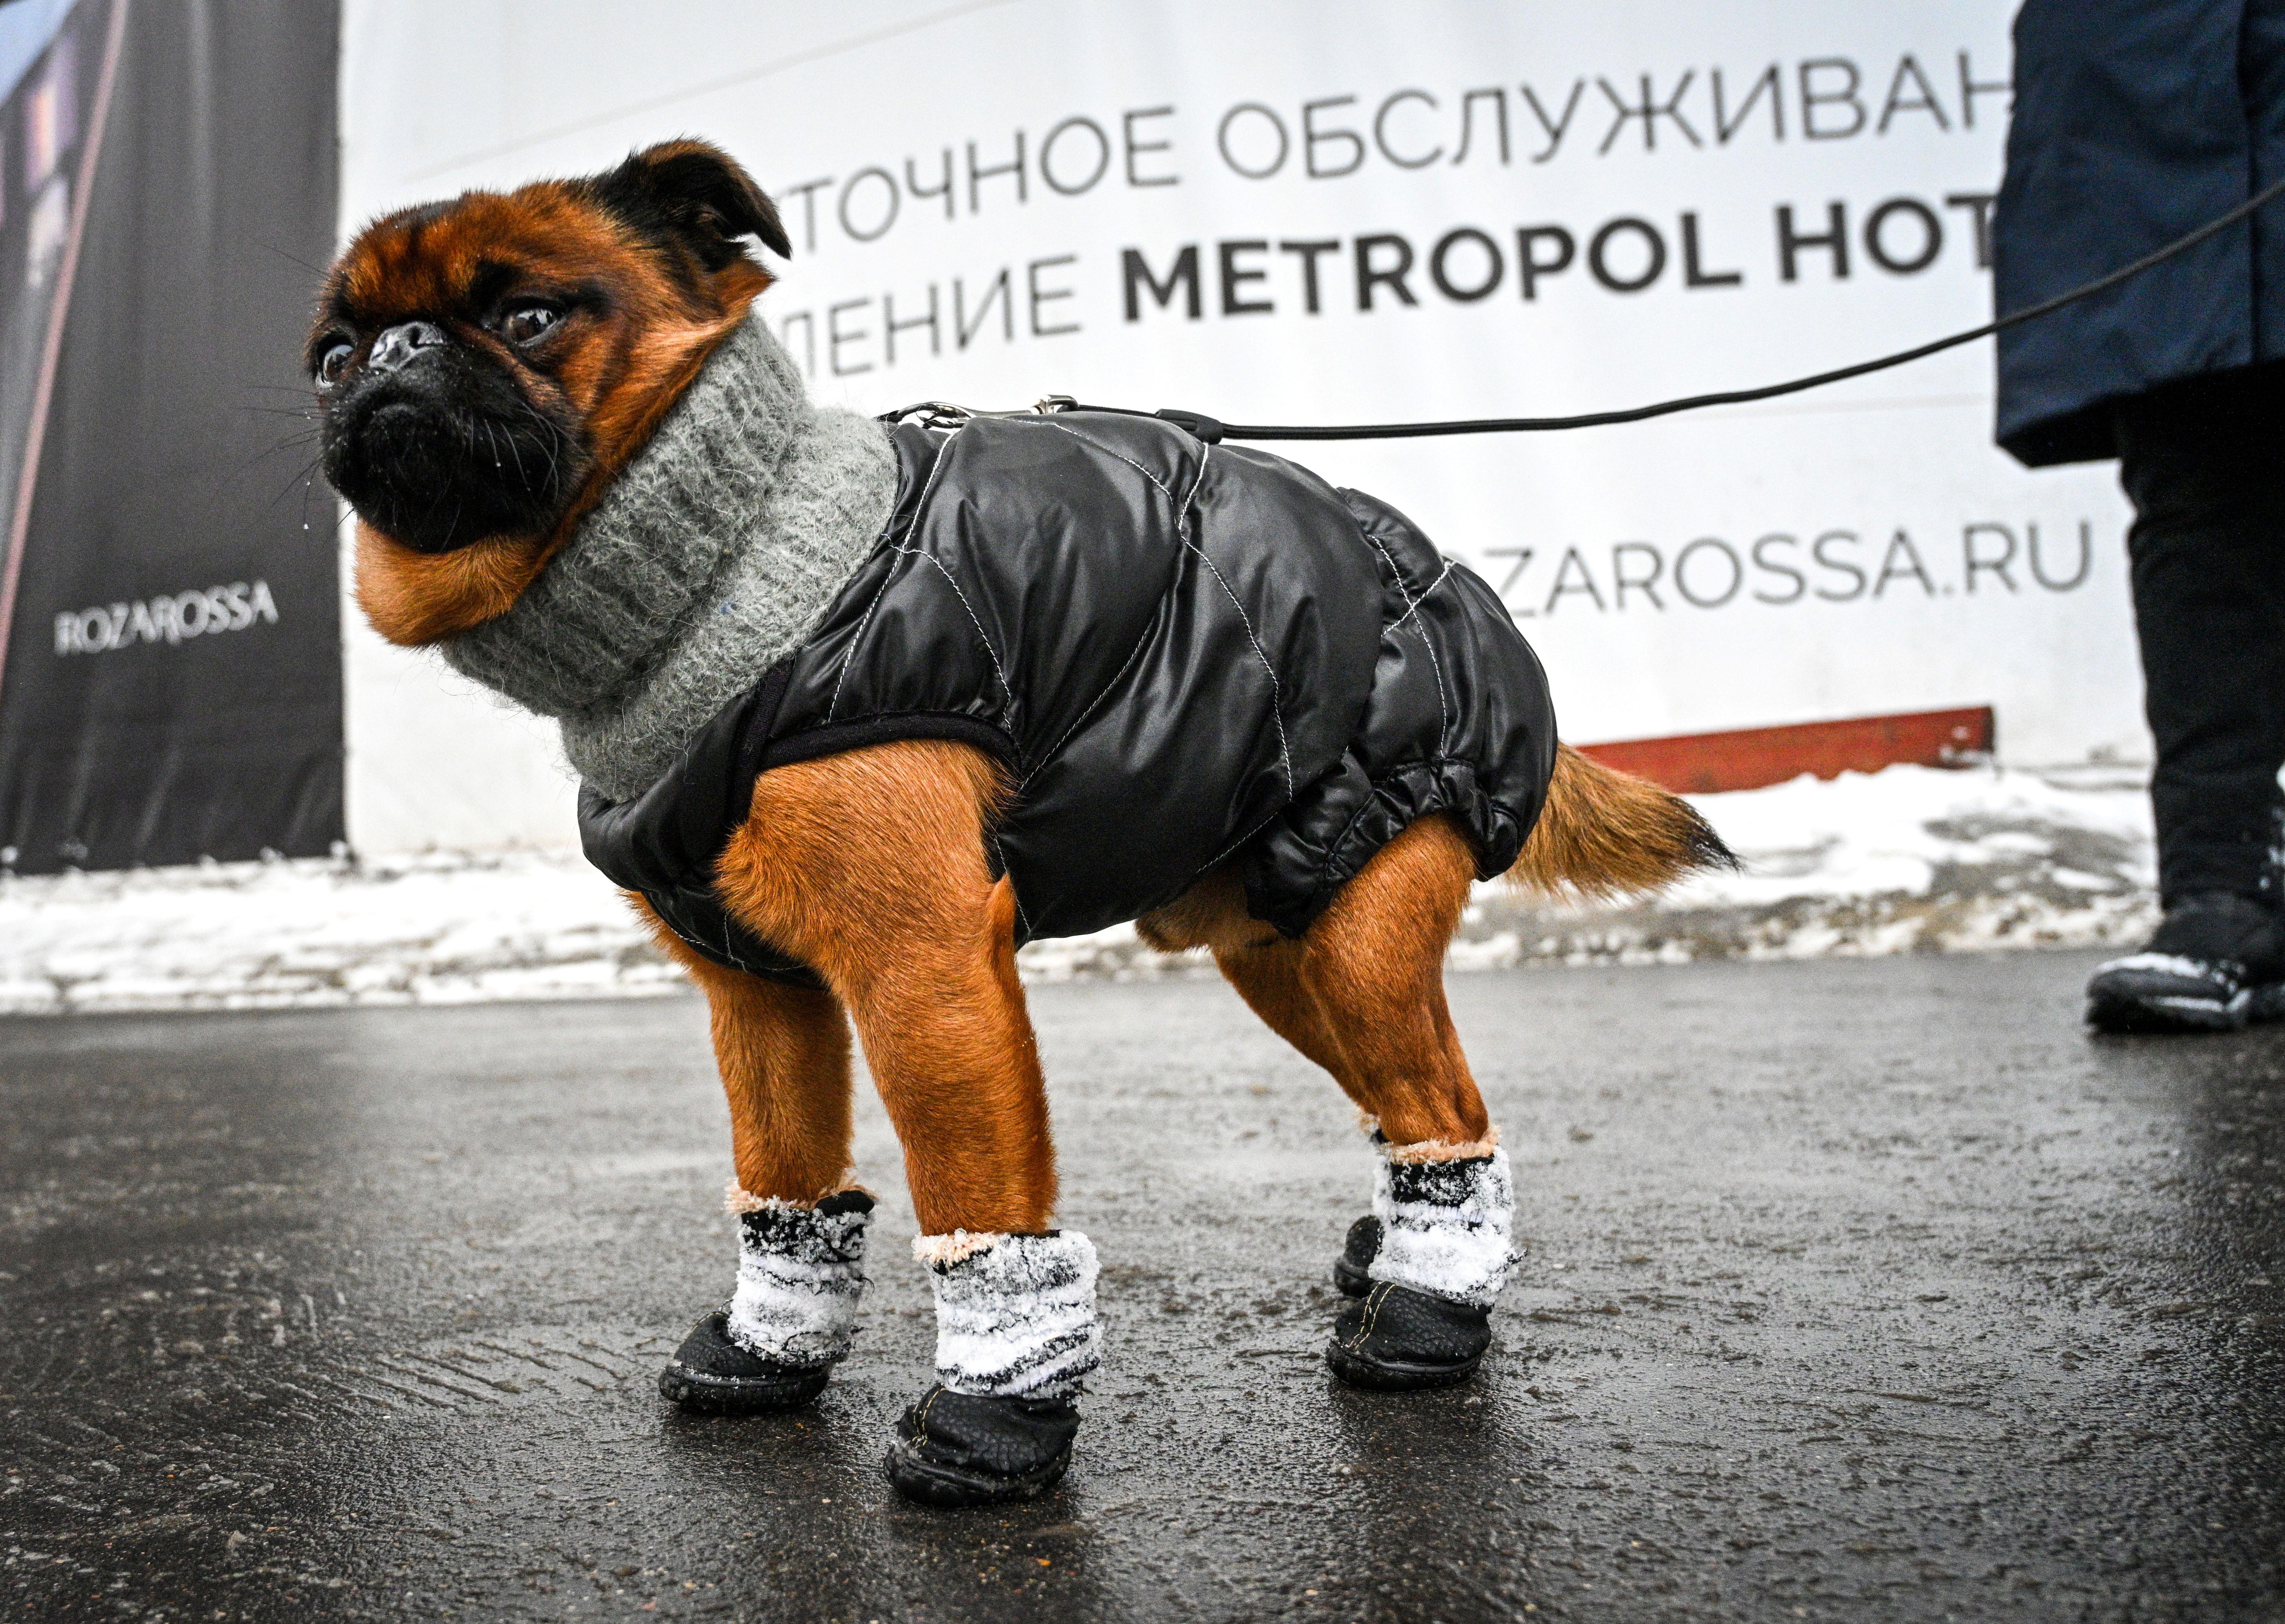 كلب يرتدي ملابس تقيه من الثلوج موسكو